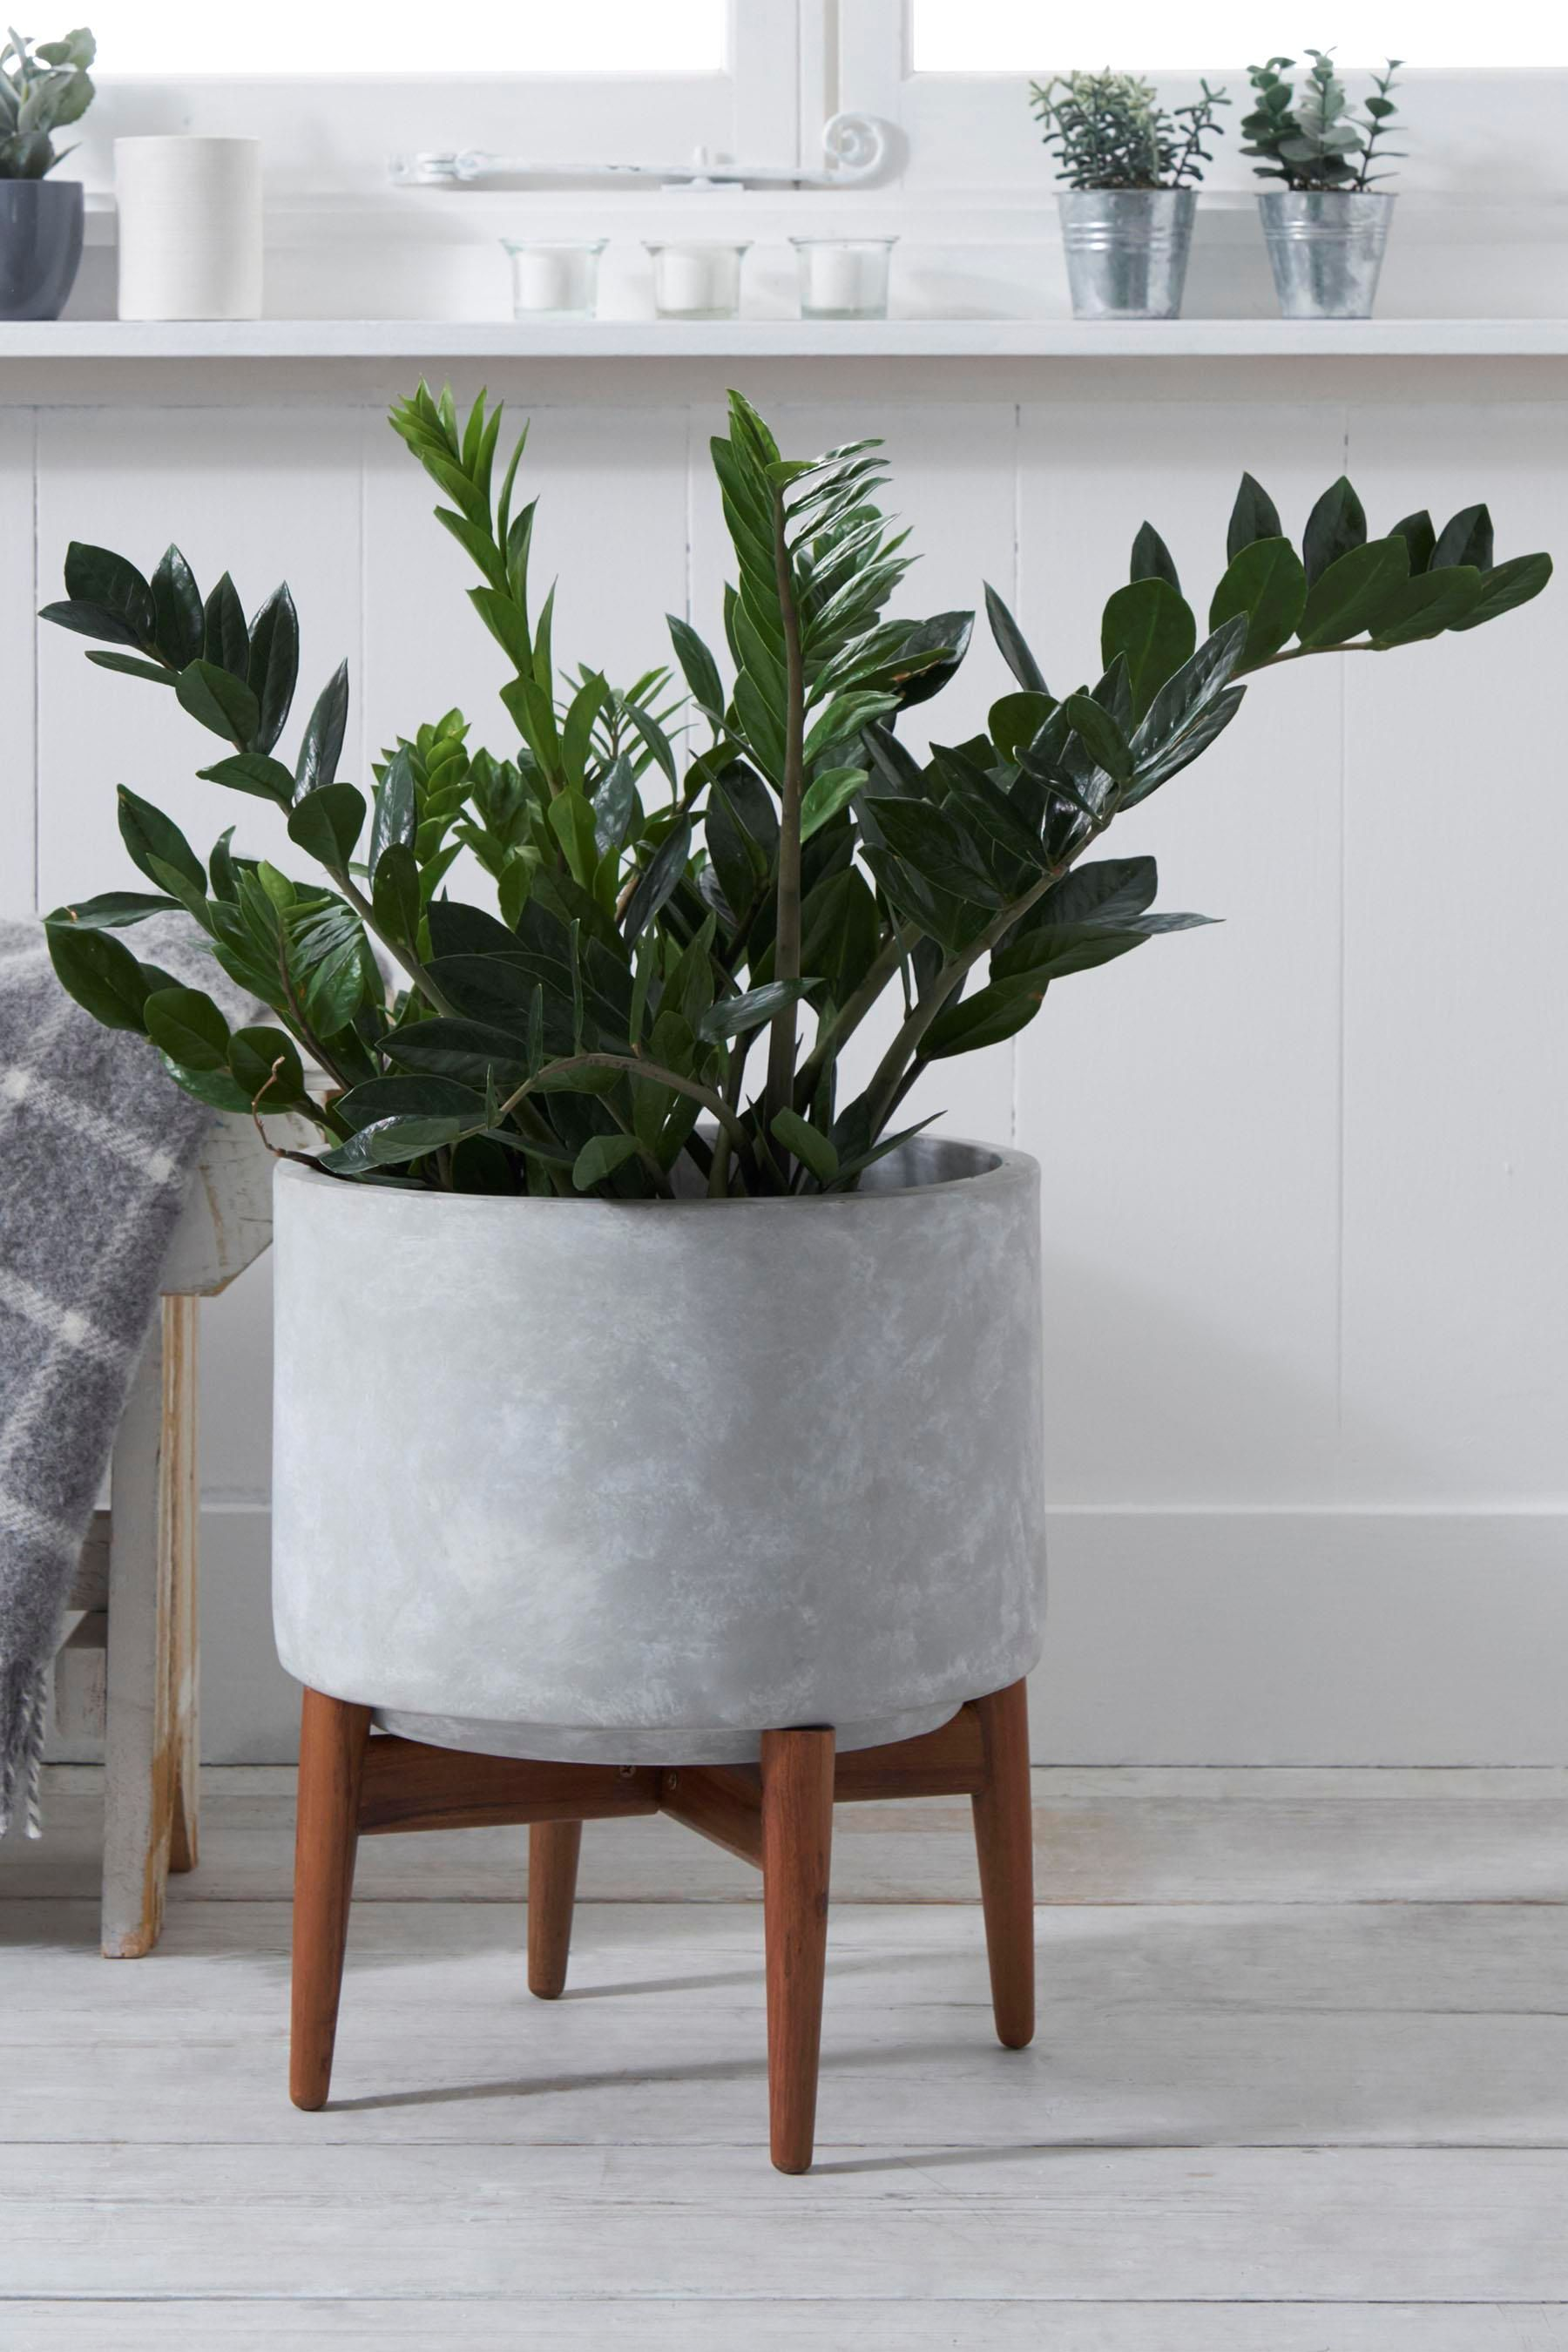 Buy Wide Concrete Planter With Wooden Legs From The Next Uk Online Shop Planters Concrete Planters Concrete Pots